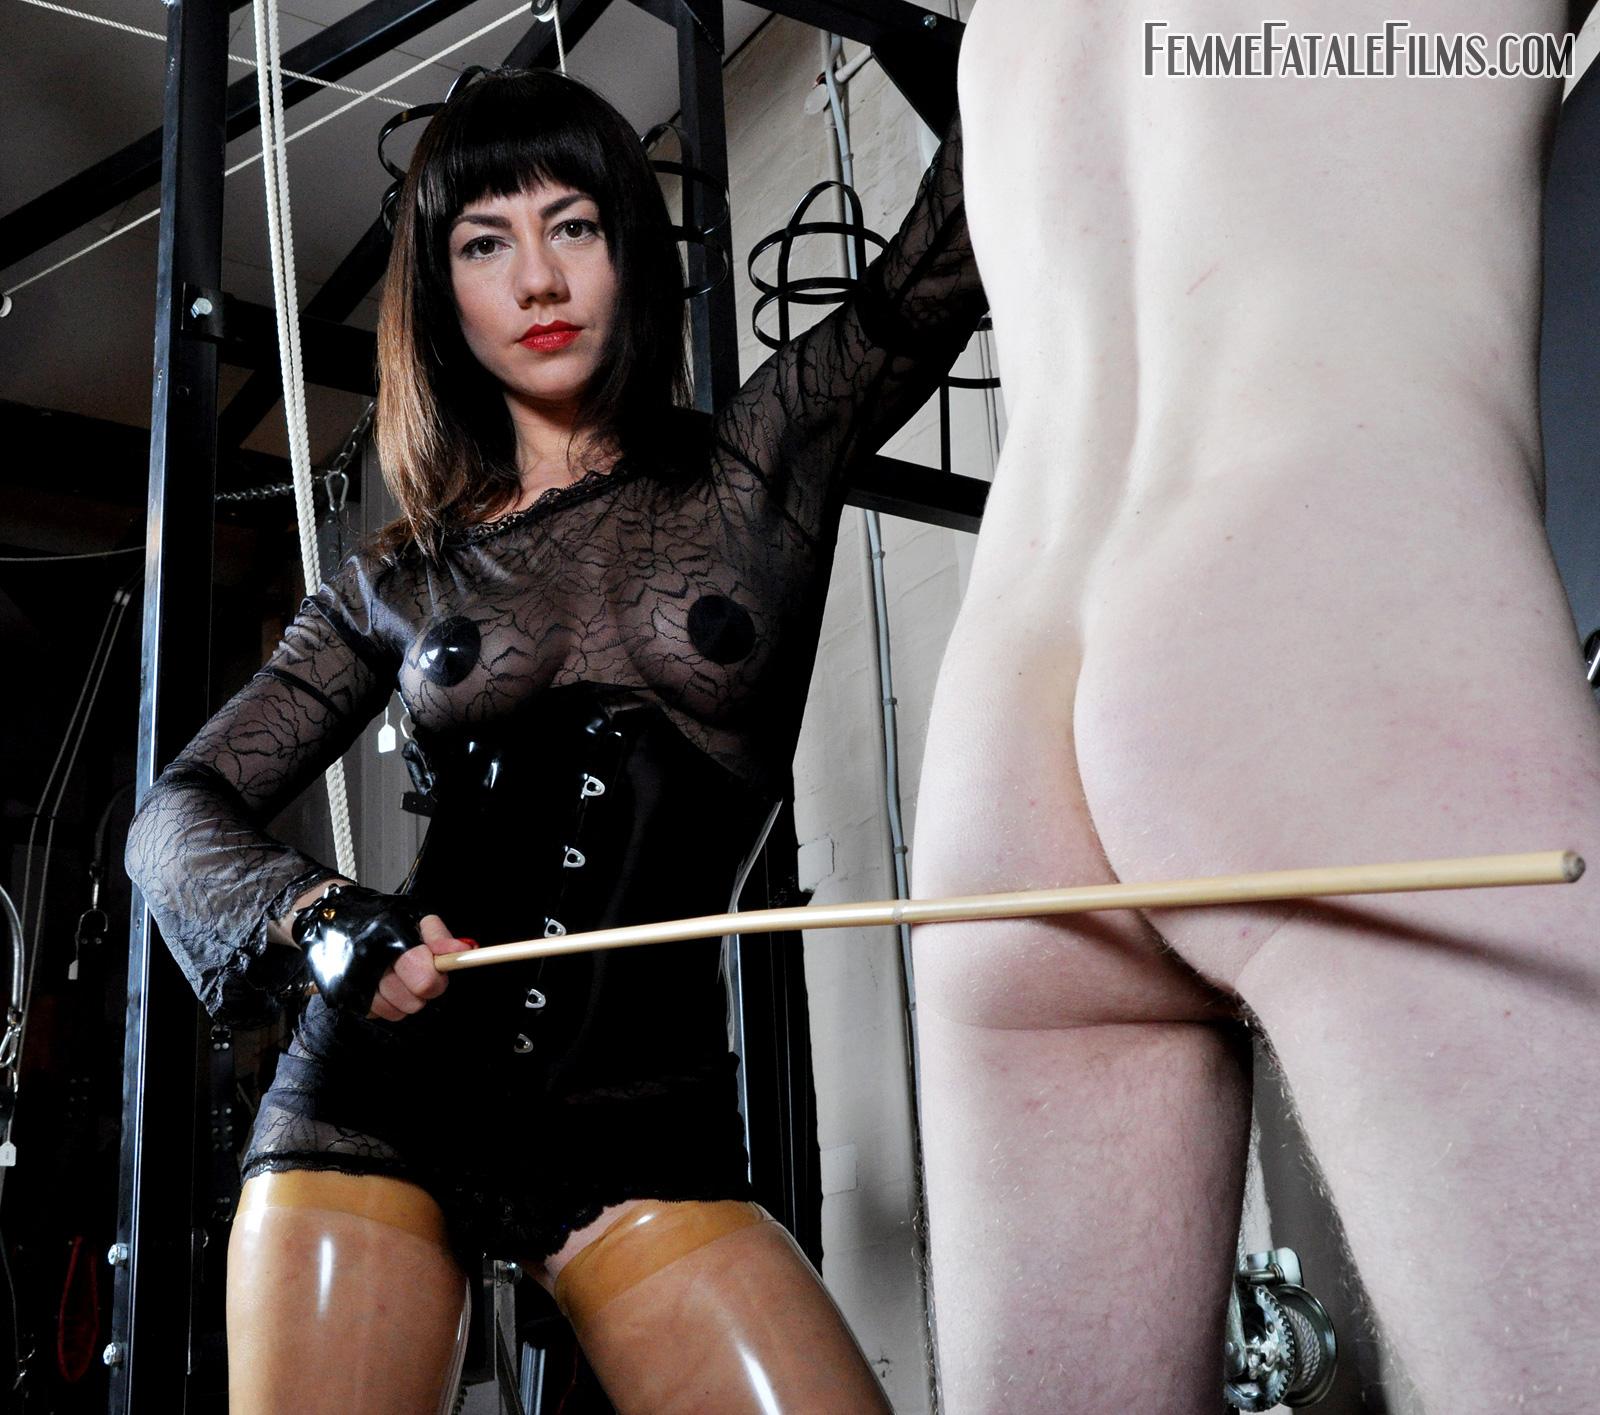 swinger club berlin femme fatale escort